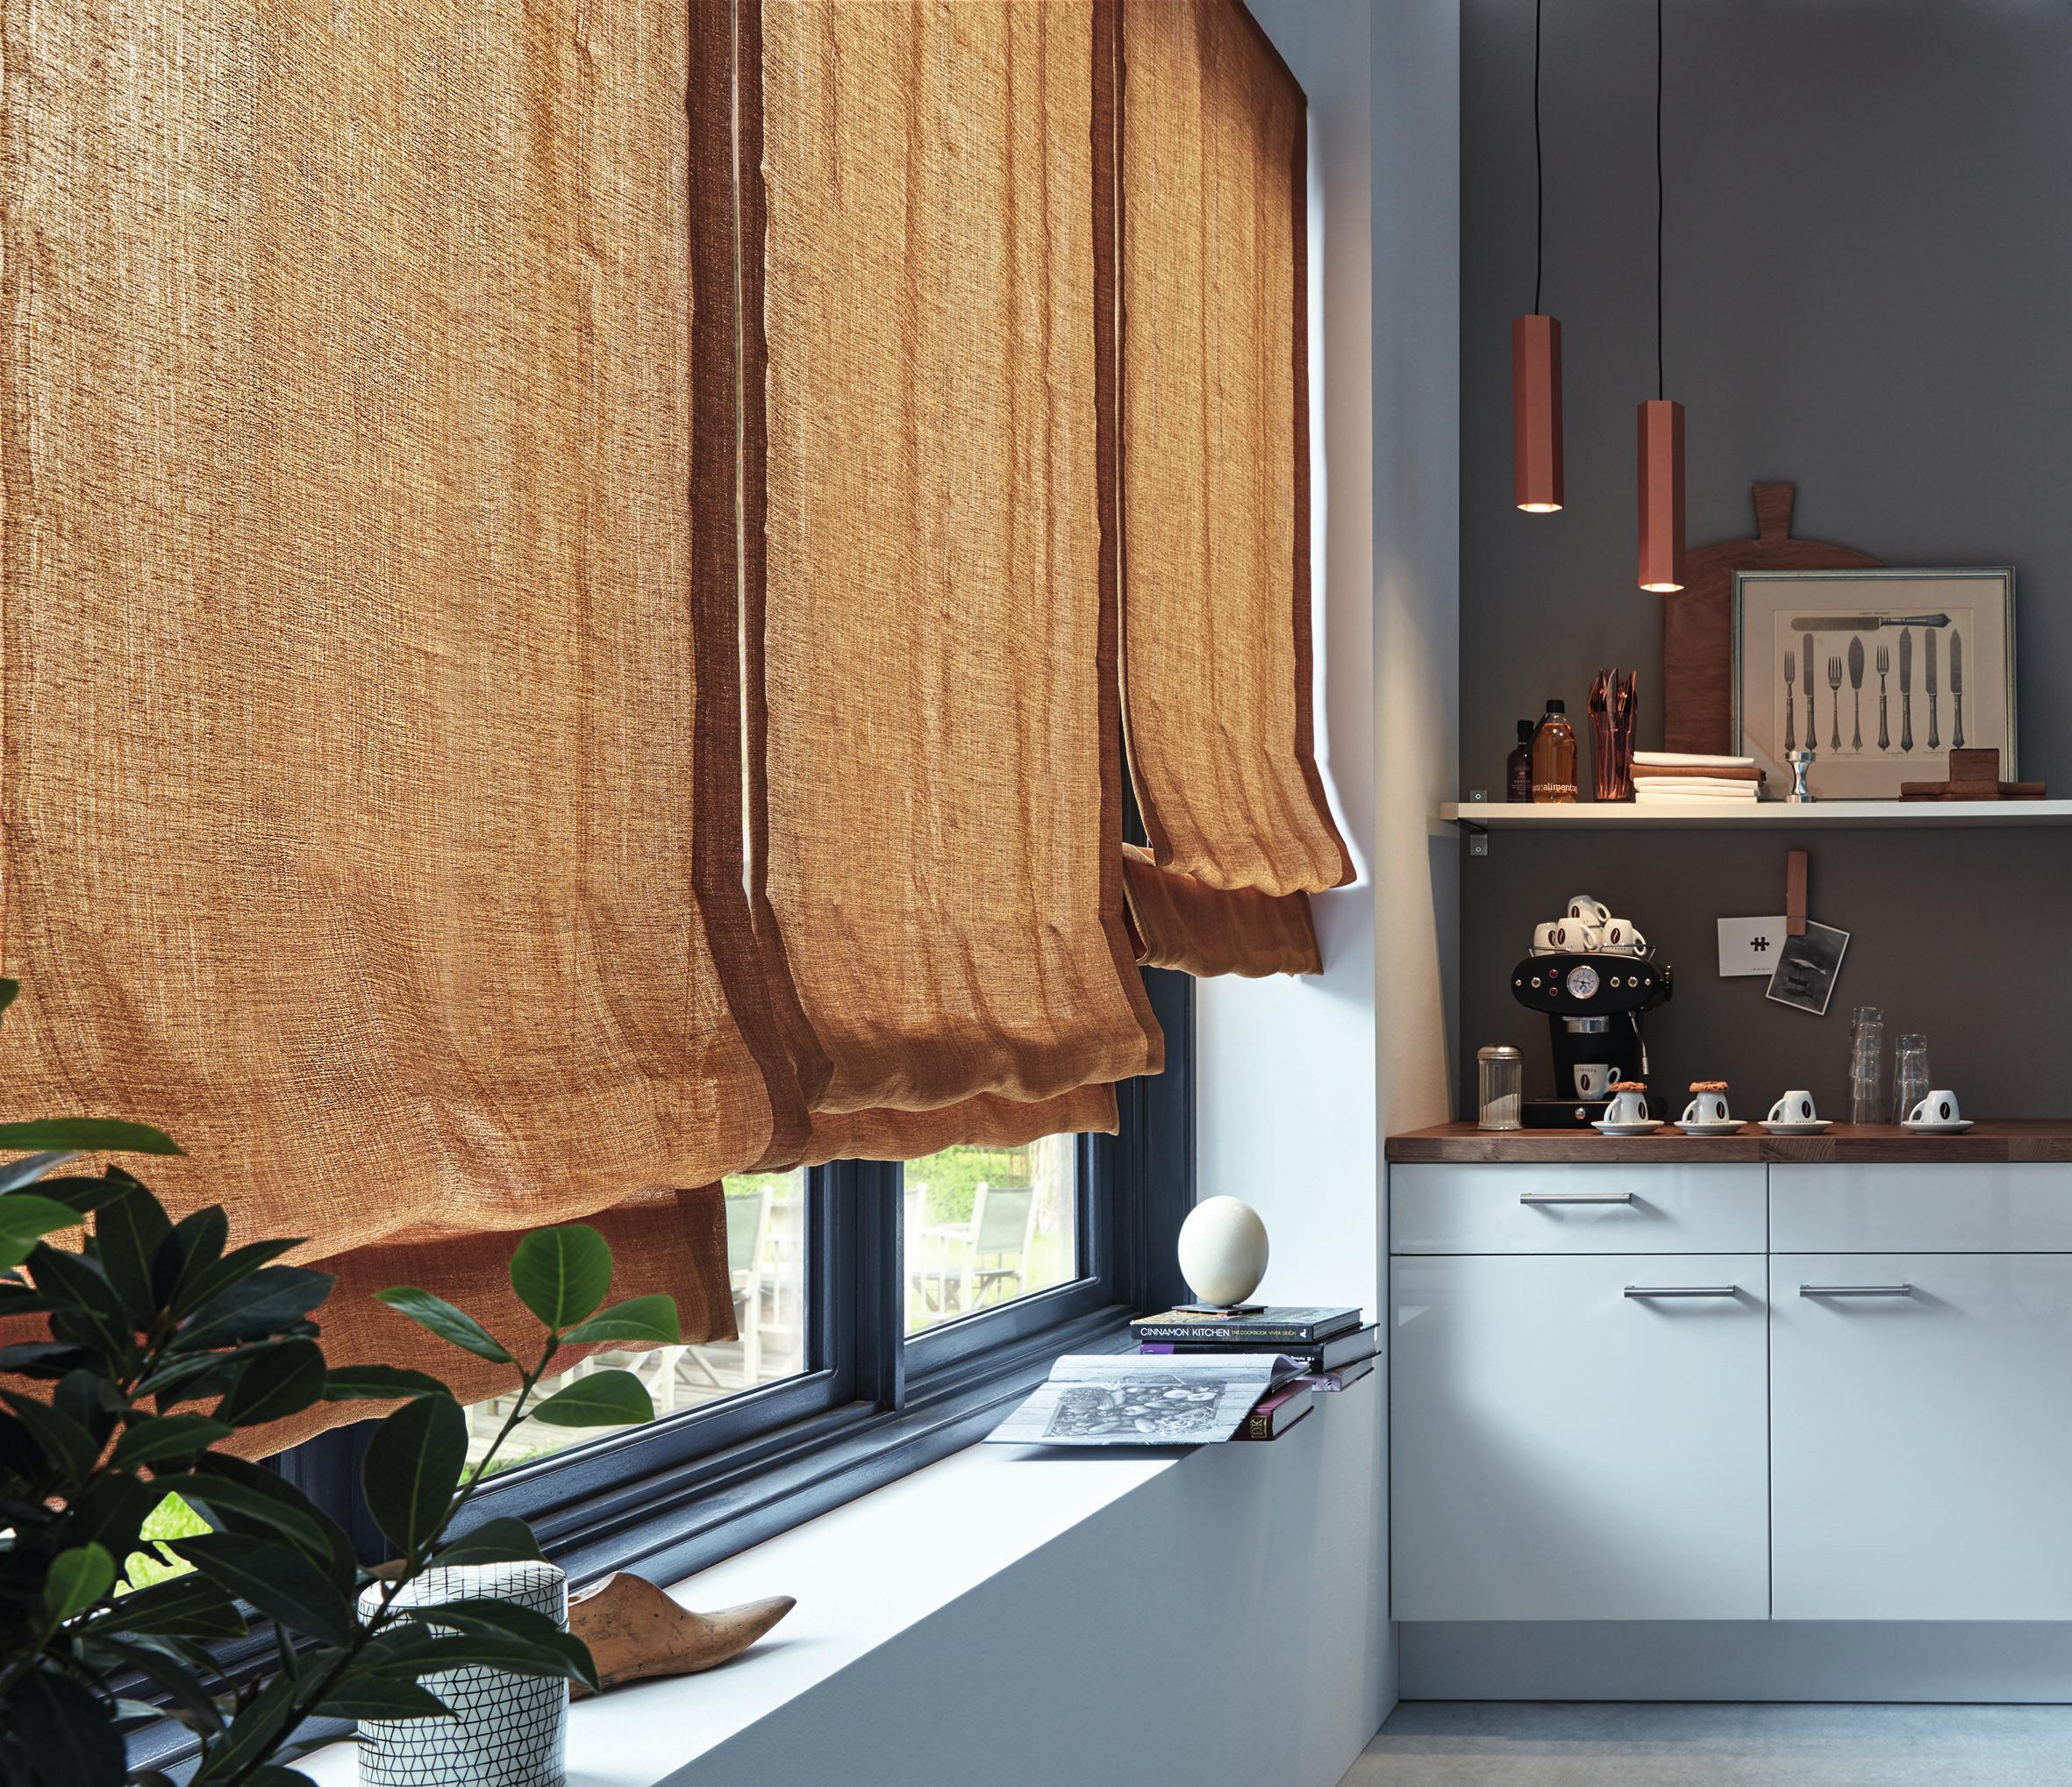 Farben wie erdiges Ocker und Braun wirken heimelig und machen gute Laune. Sie sind ideal für Wohn- und Esszimmer.FOTOS: GIB DIR STOFF/JAB/AKZ-O